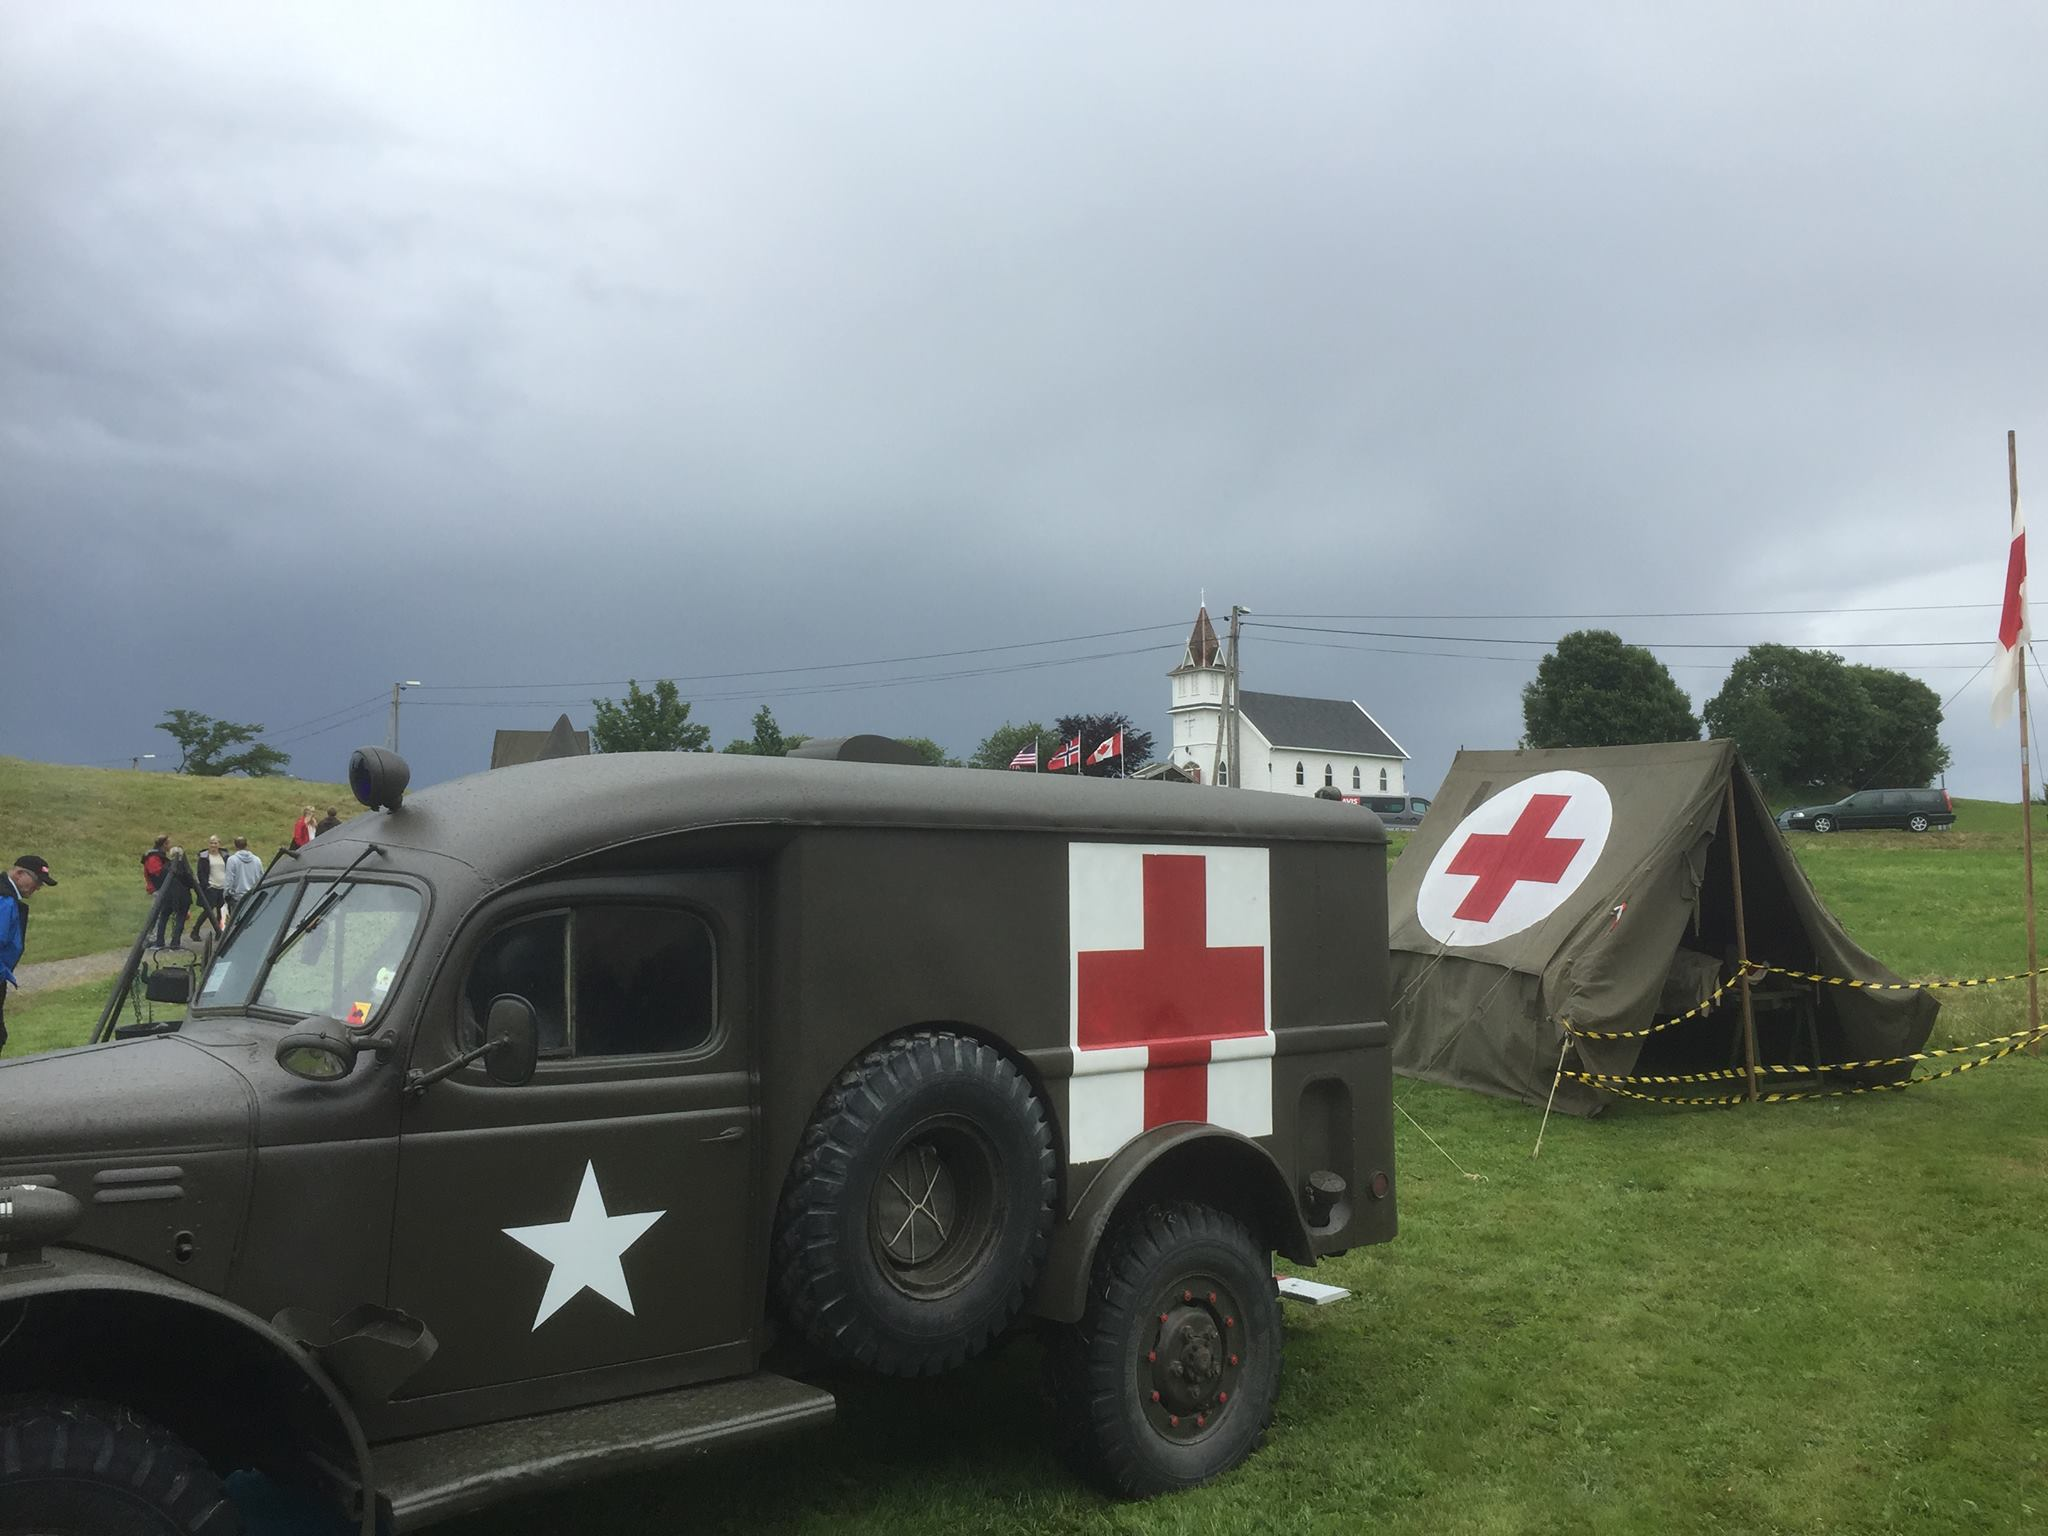 Heimevernsungdomar og amerikanske militærbilar installerar seg i cowboylandsbyen. Er årstalet 1860 eller 1945?